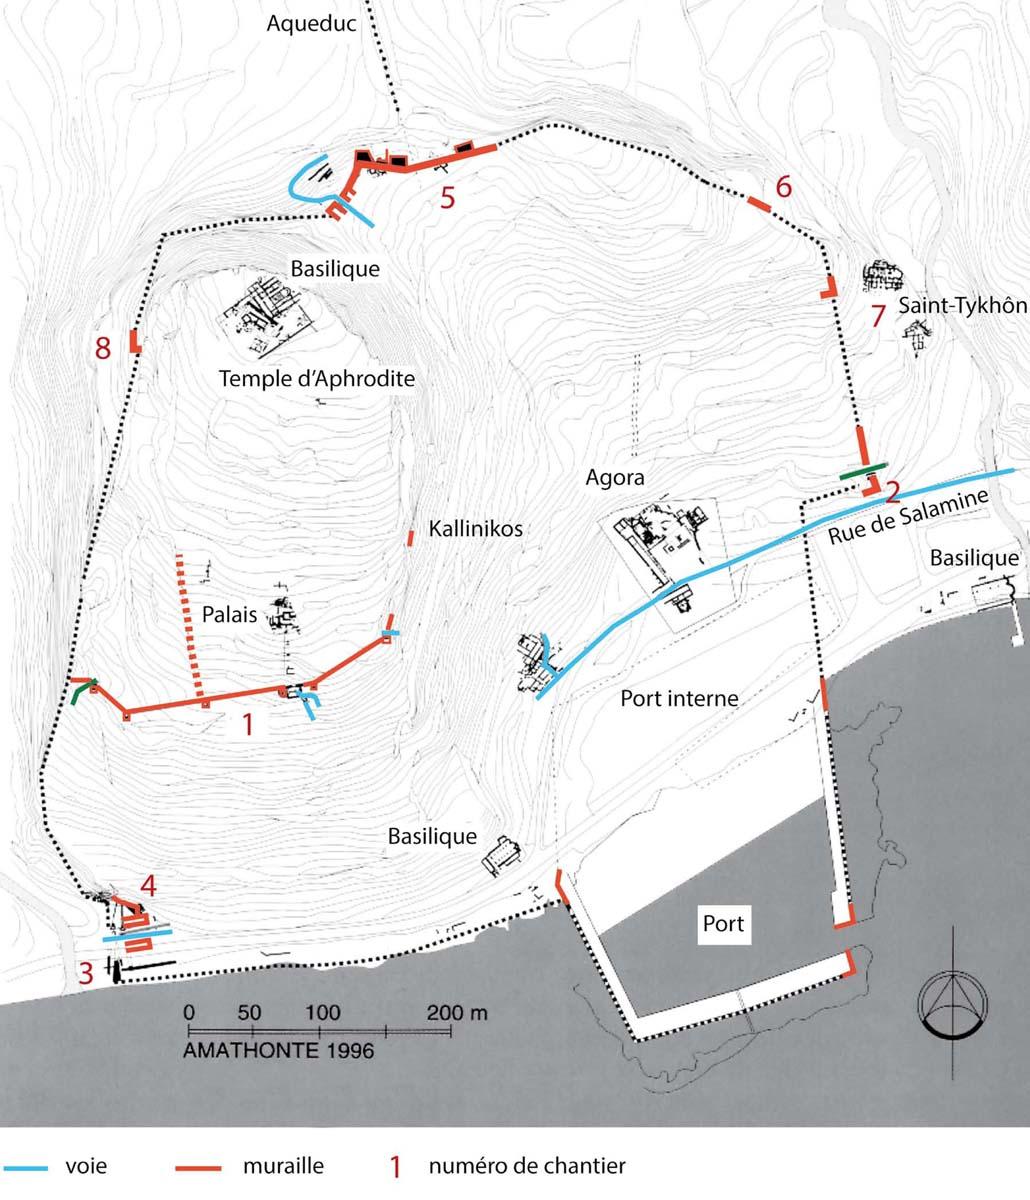 Plan des fortifications avec les secteurs étudiés (P. Aupert, T. Koželj, M. Wurch-Koželj, J. Durin)